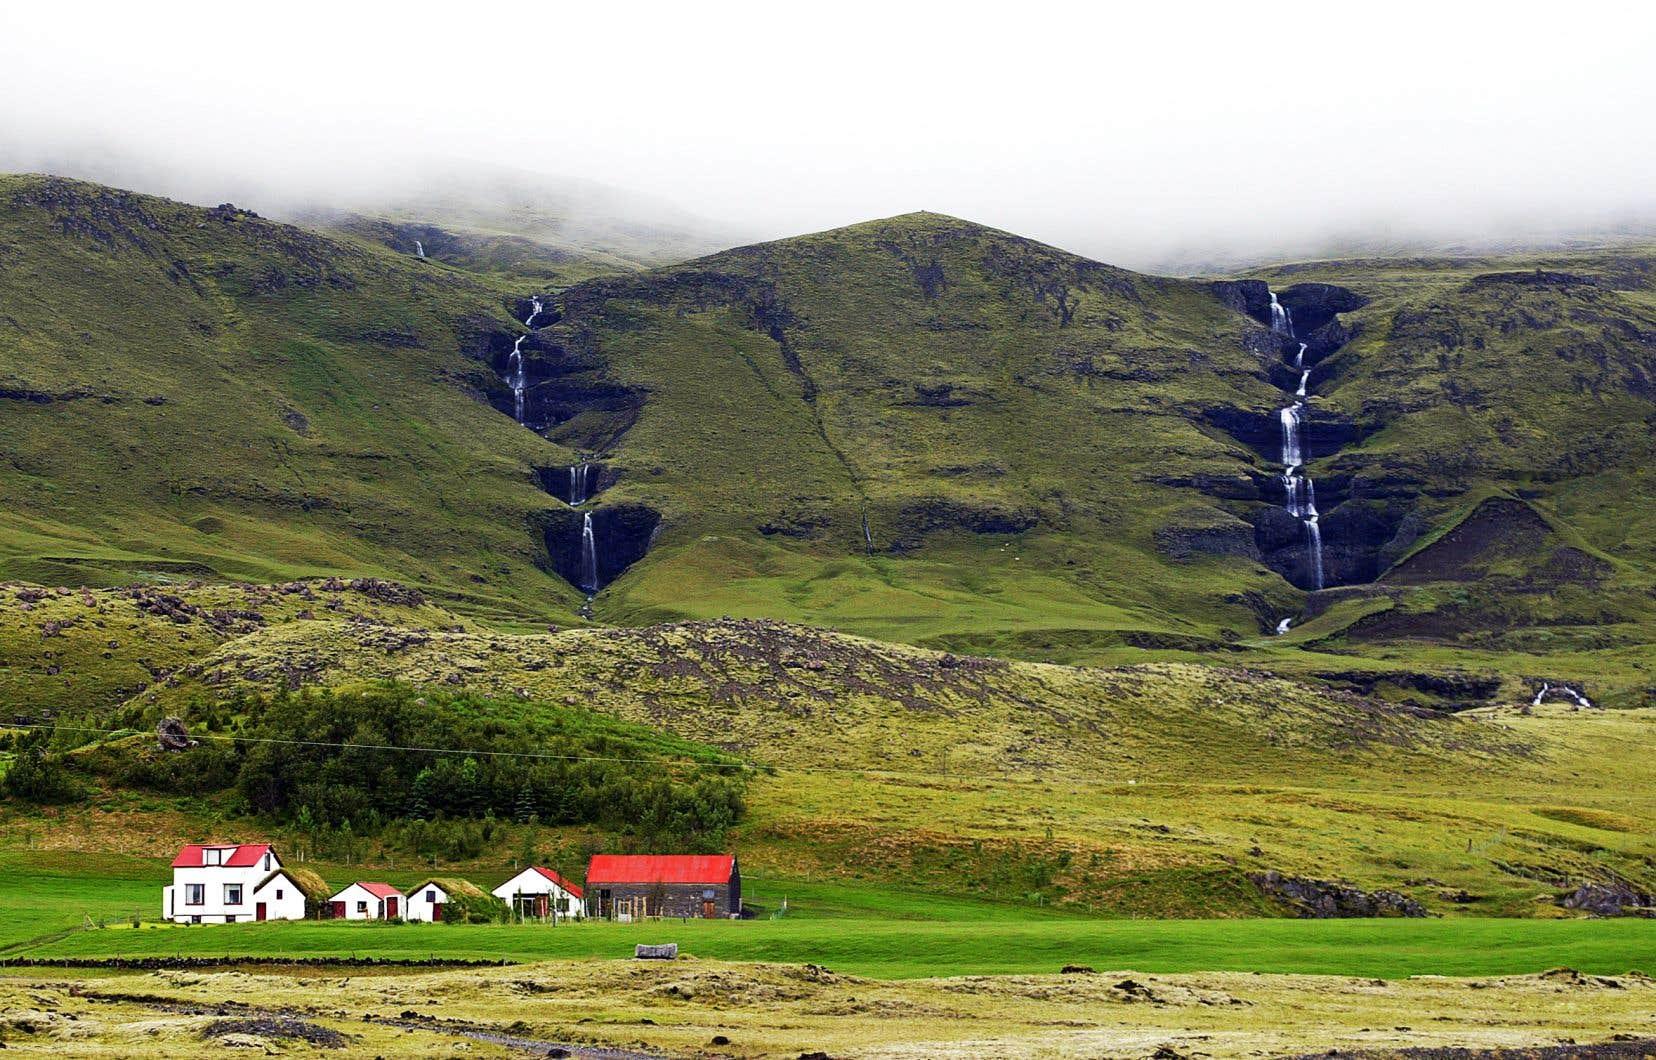 Une ferme près des sommets volcaniques de la côte islandaise